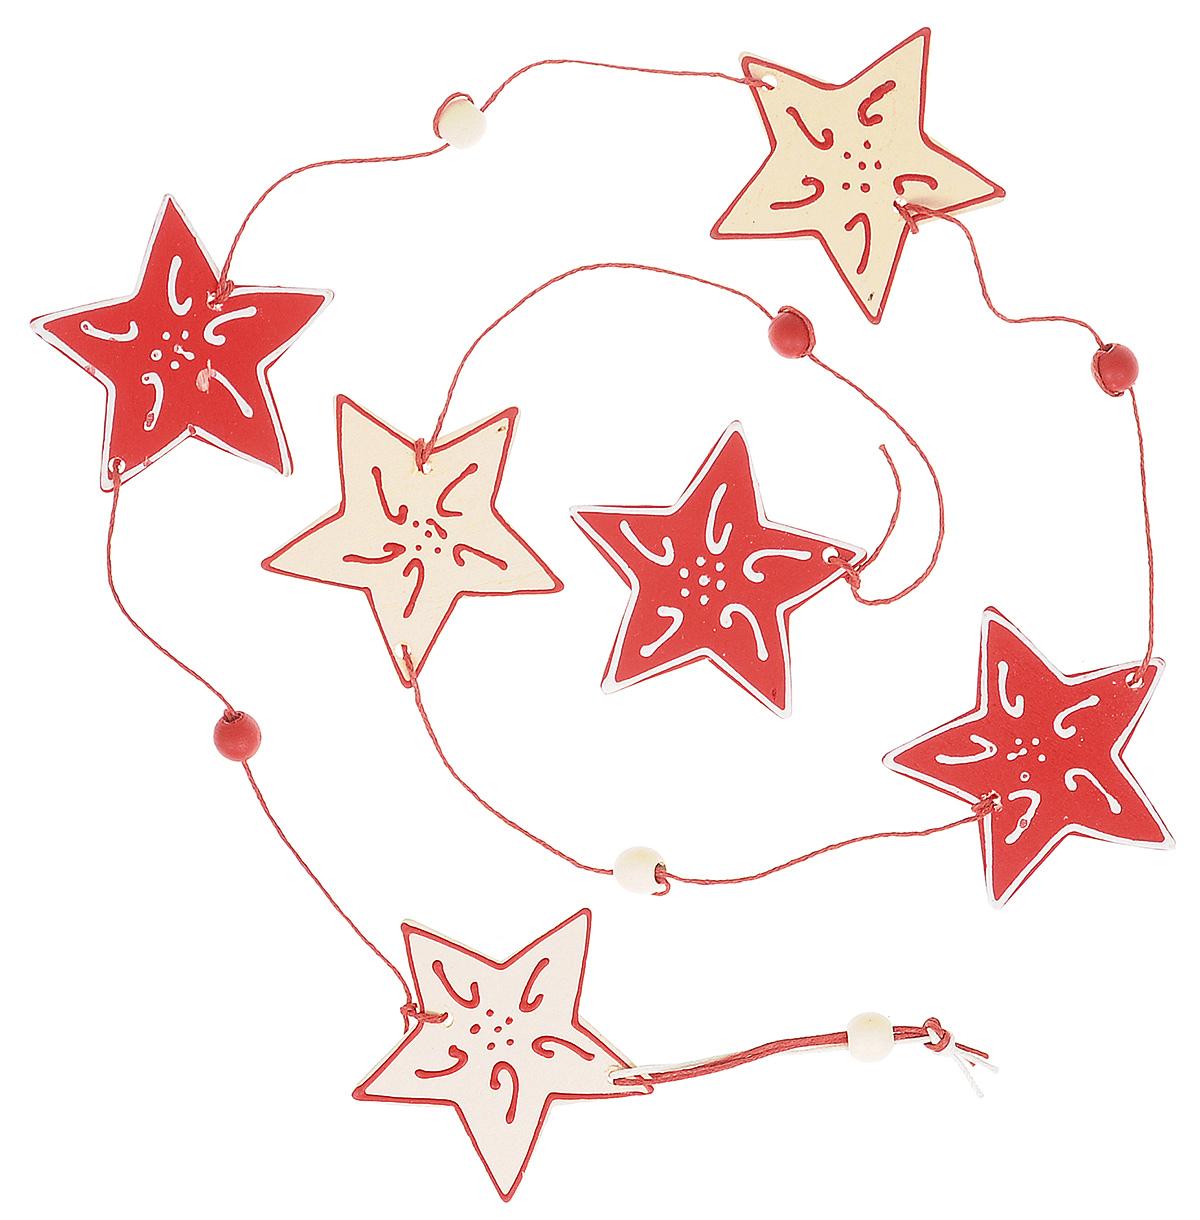 Новогоднее подвесное украшение Lunten Ranta Праздничная гирлянда, длина 100 см59579Новогоднее украшение Lunten Ranta Праздничная гирлянда отлично подойдет для декорации вашего дома и праздничной ели. Изделие выполнено в виде длинной подвески, декорированной деревянными фигурками звезд, нанизанными на текстильную нить. Елочная игрушка - символ Нового года. Она несет в себе волшебство и красоту праздника. Создайте в своем доме атмосферу веселья и радости, украшая всей семьей новогоднюю елку нарядными игрушками, которые будут из года в год накапливать теплоту воспоминаний.Размер фигурки (звезды): 6 см х 6 см х 0,5 см.